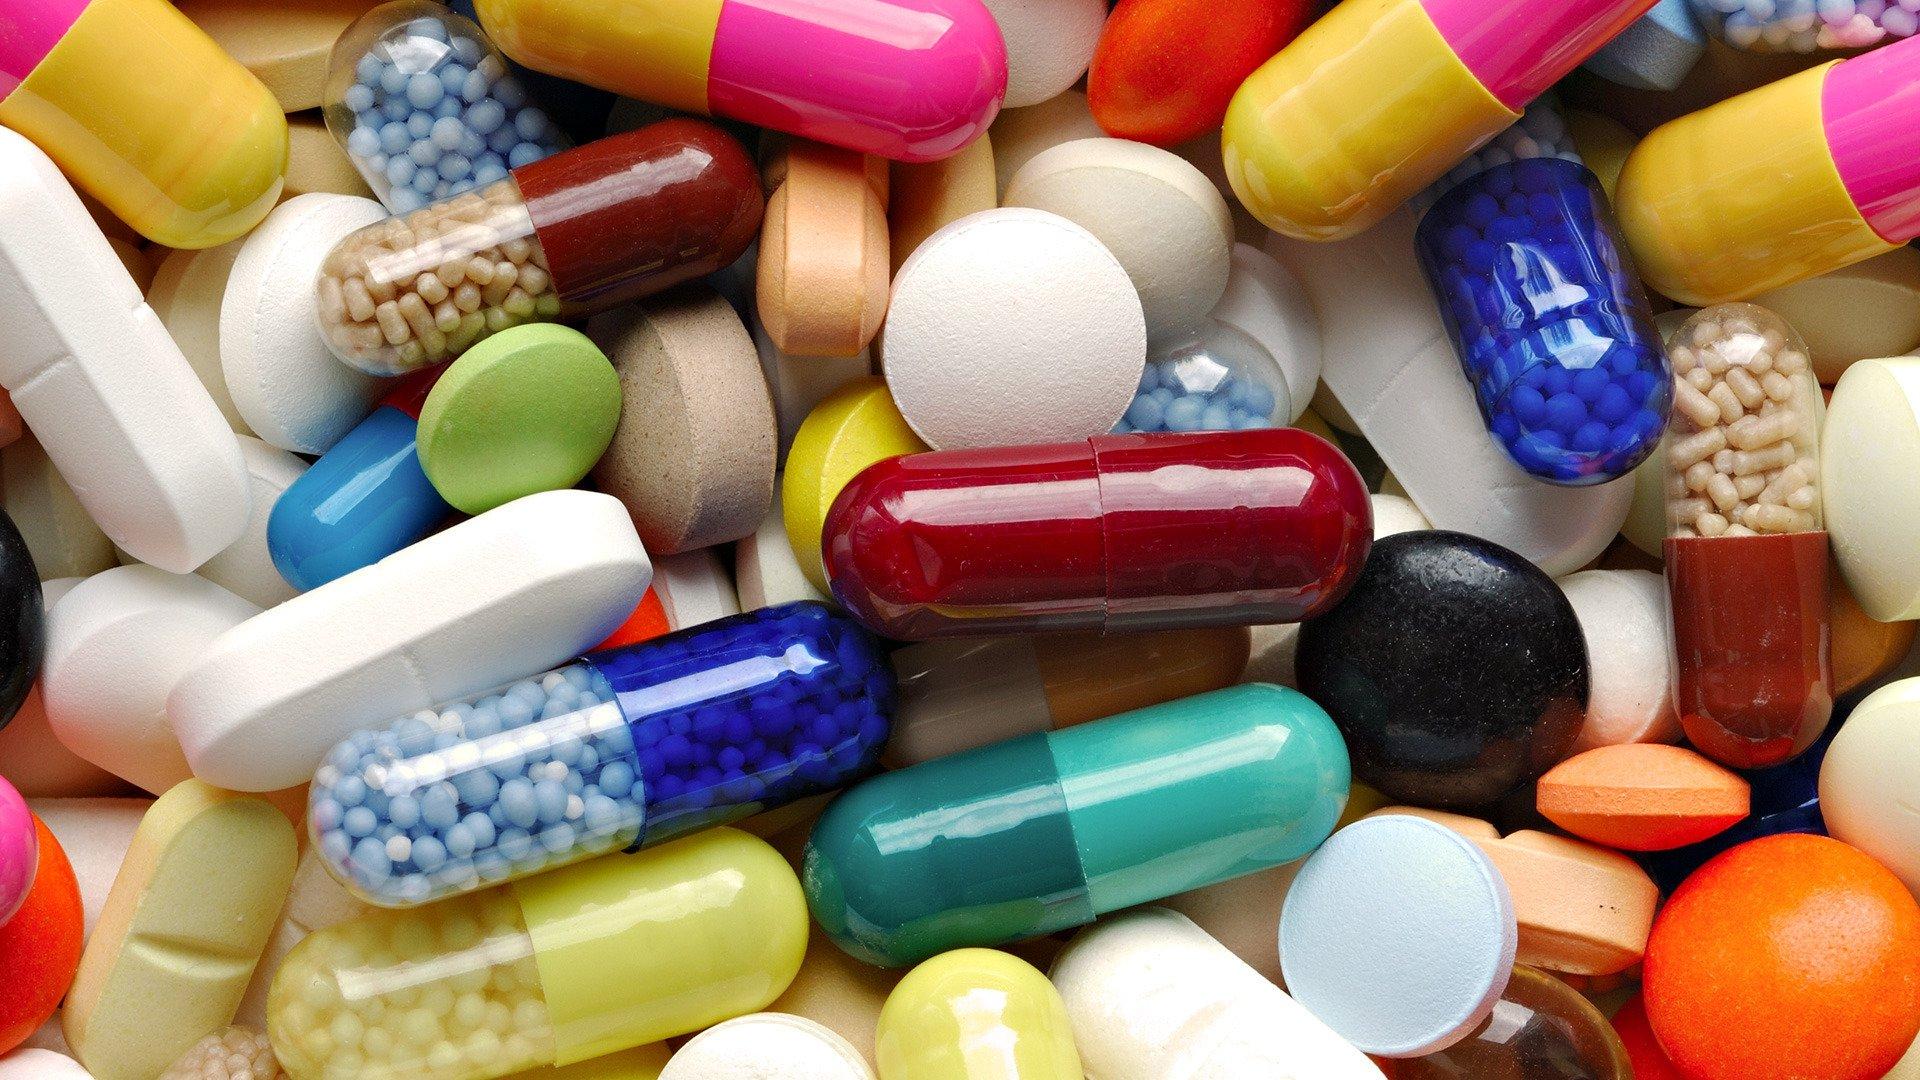 Điều trị rối loạn tiền đình bằng cách sử dụng thực phẩm chức năng